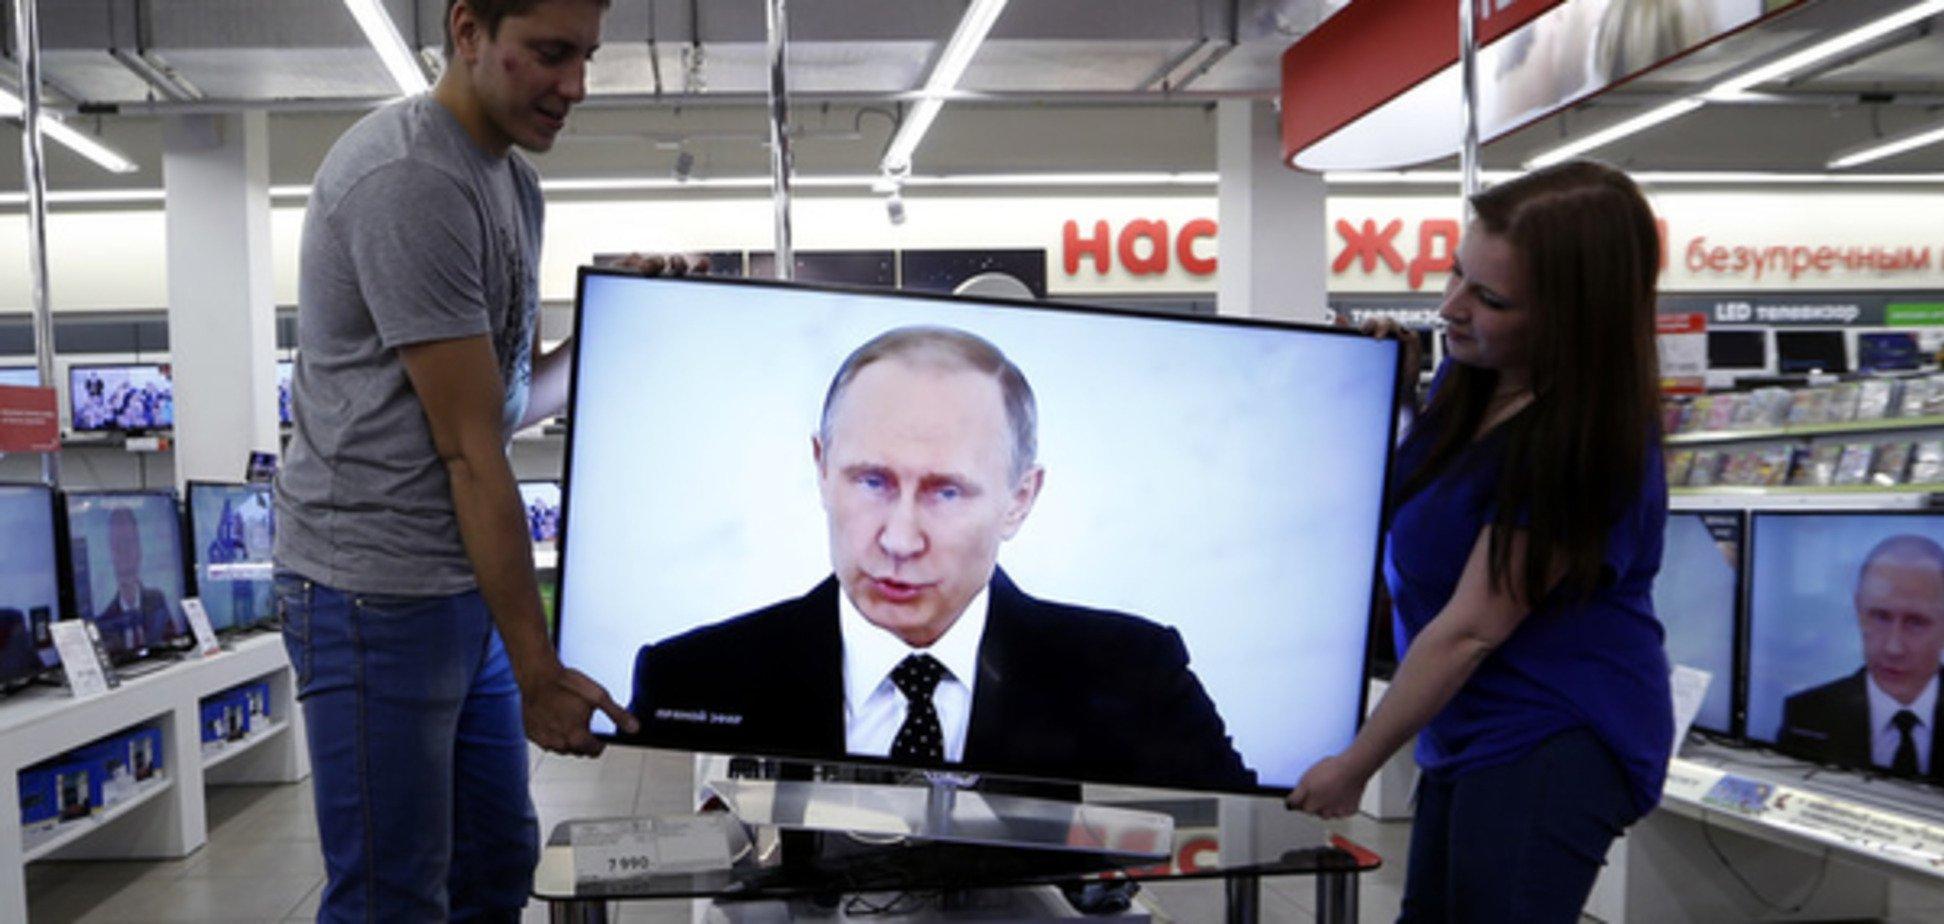 Путіну треба навчитися 'відповідати за базар', а не втягувати Росію у війну - Піонтковський